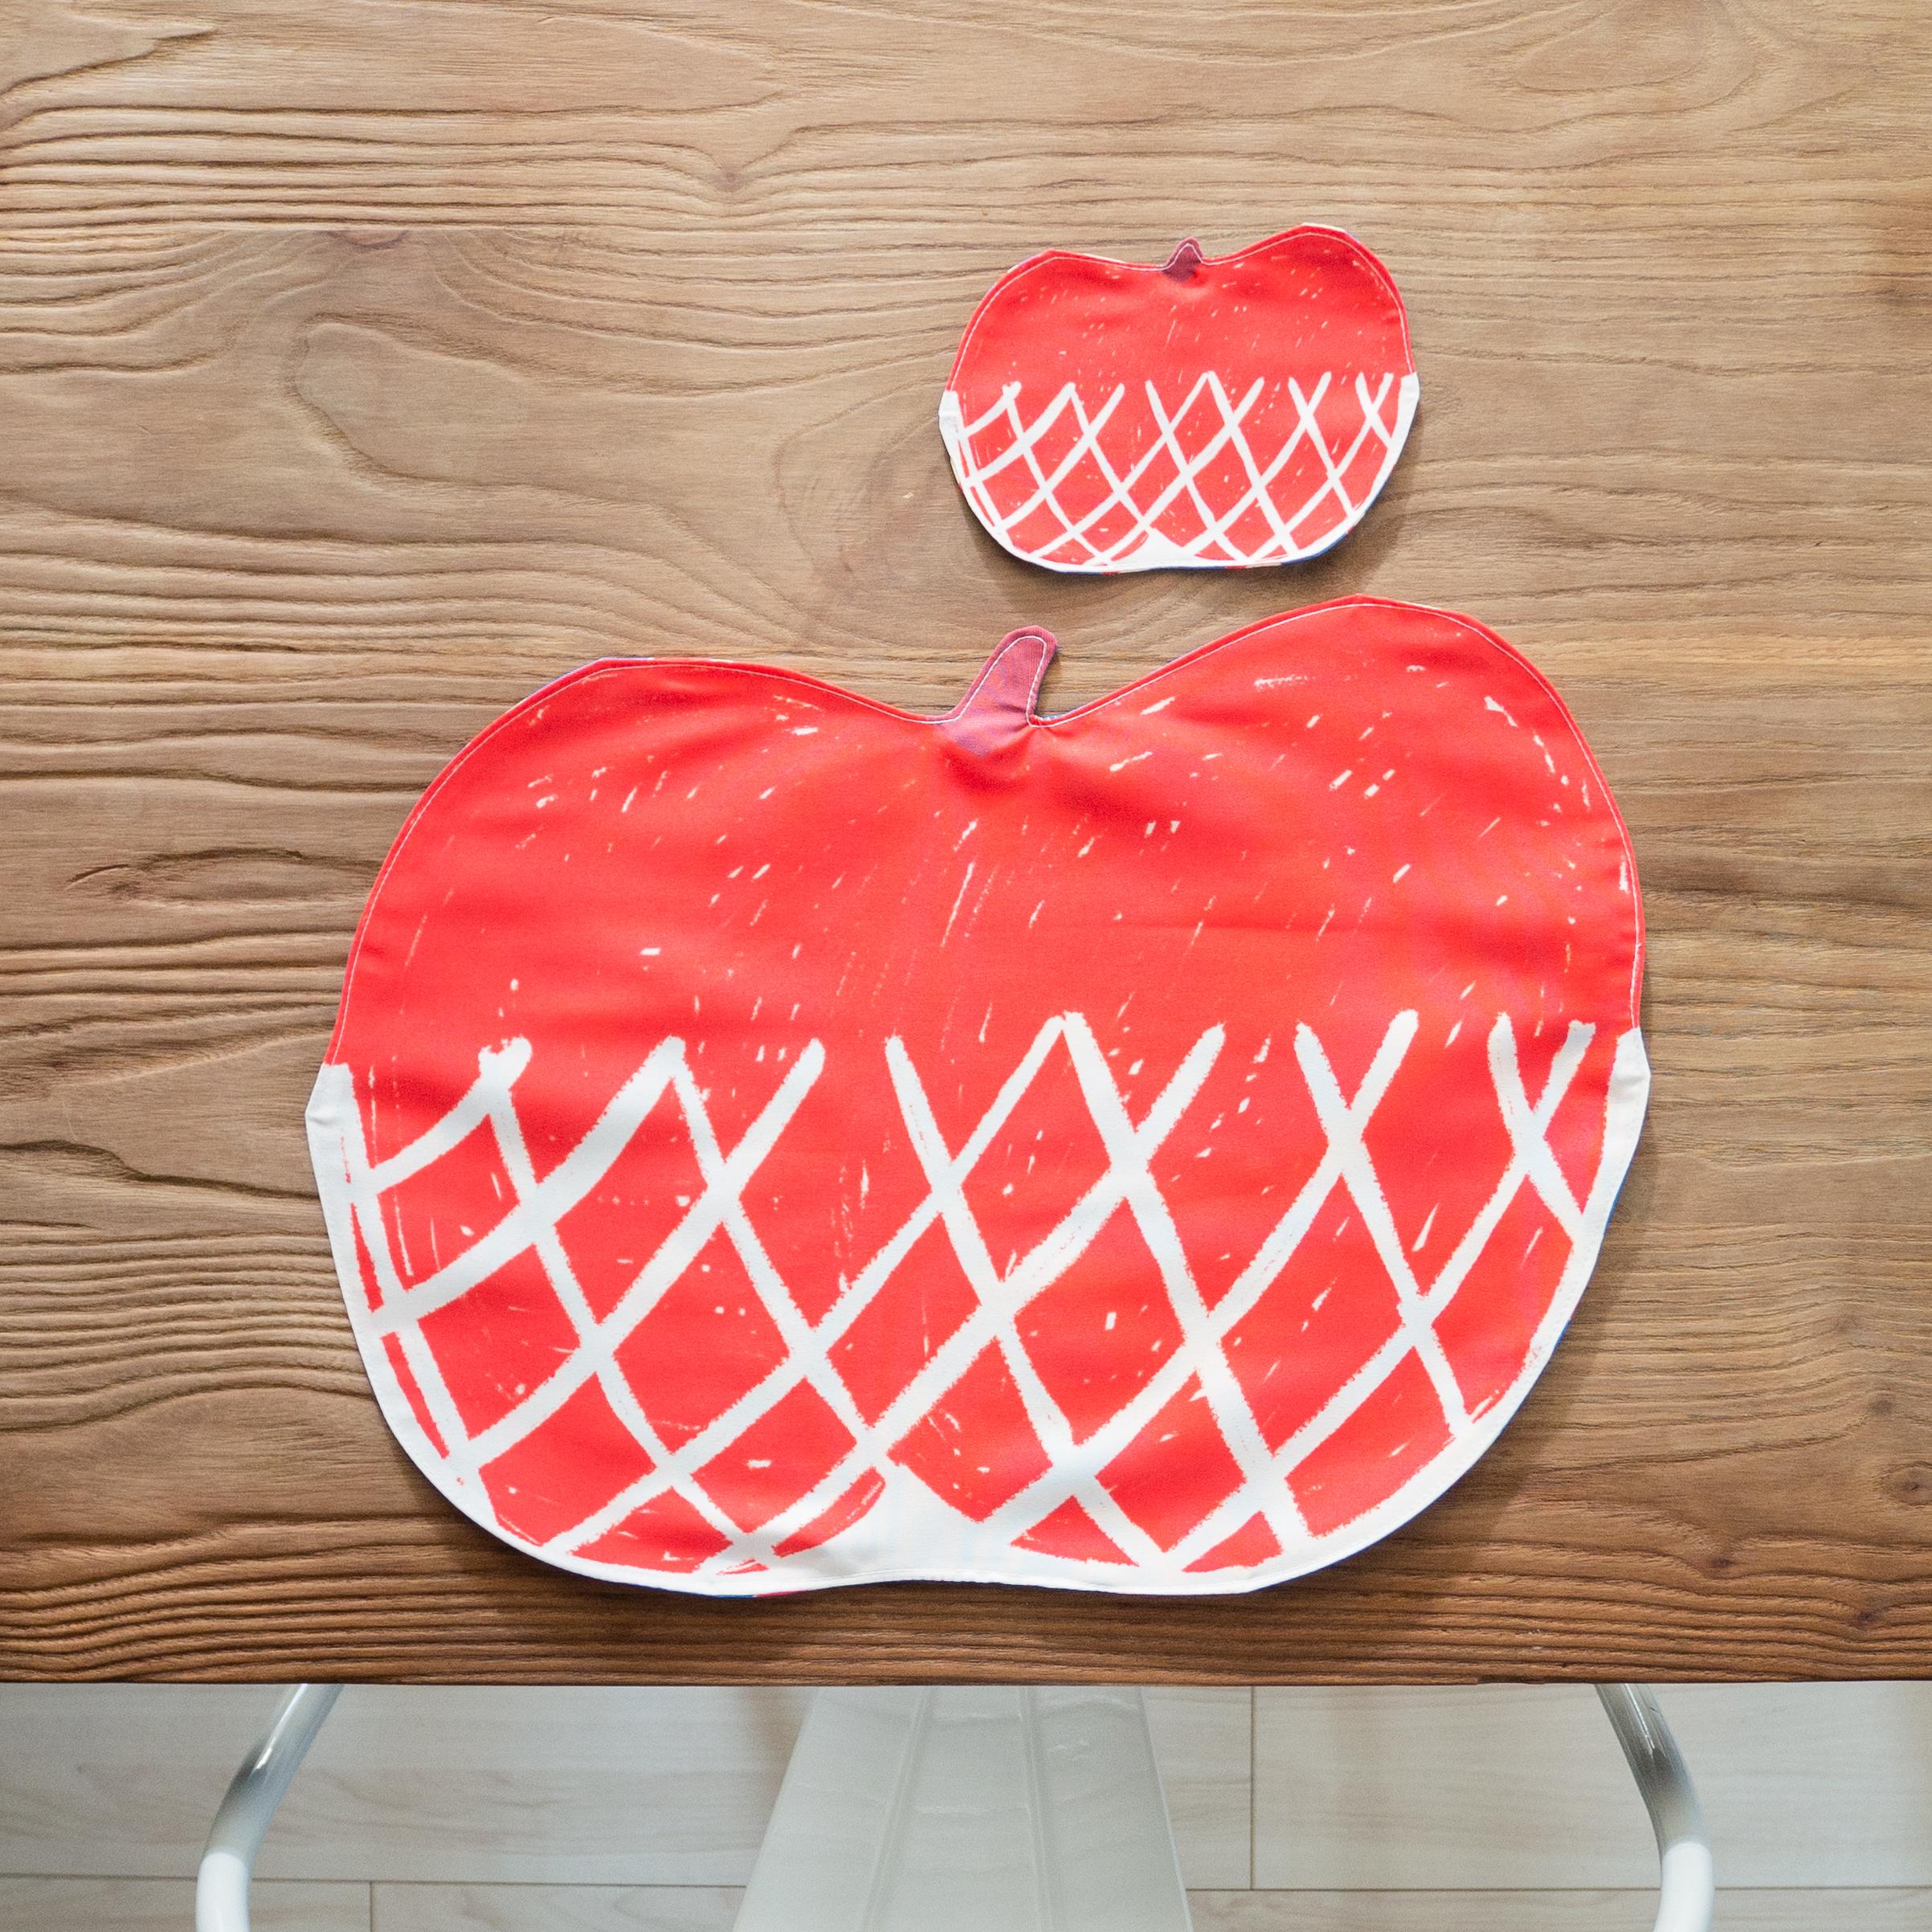 ランチョンマット ネット入りリンゴ